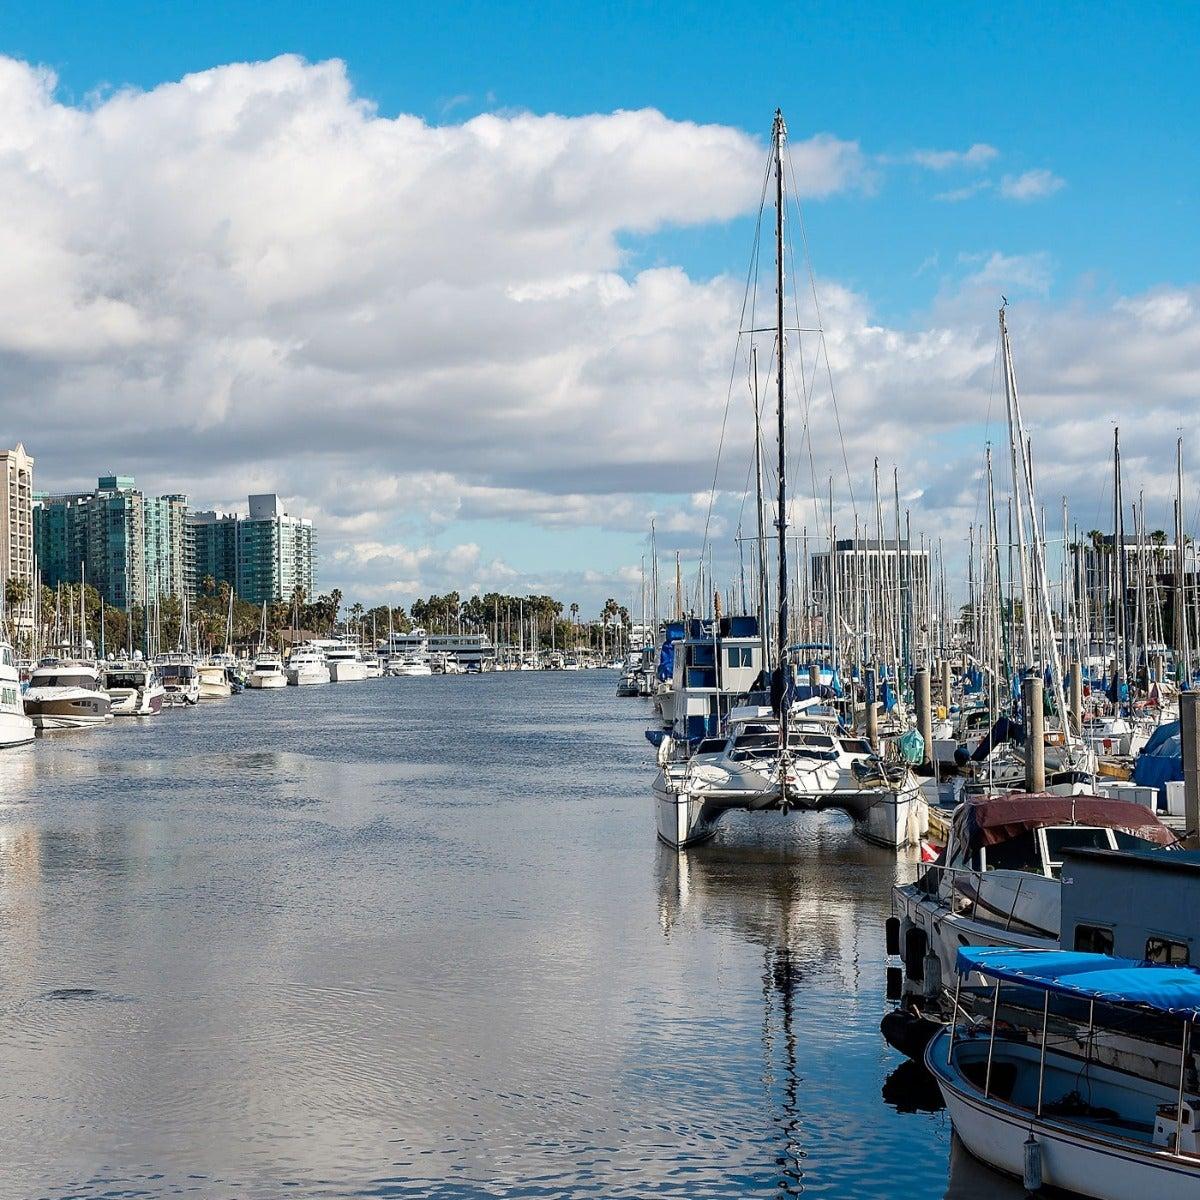 Marina Del Rey - Los Angeles, California